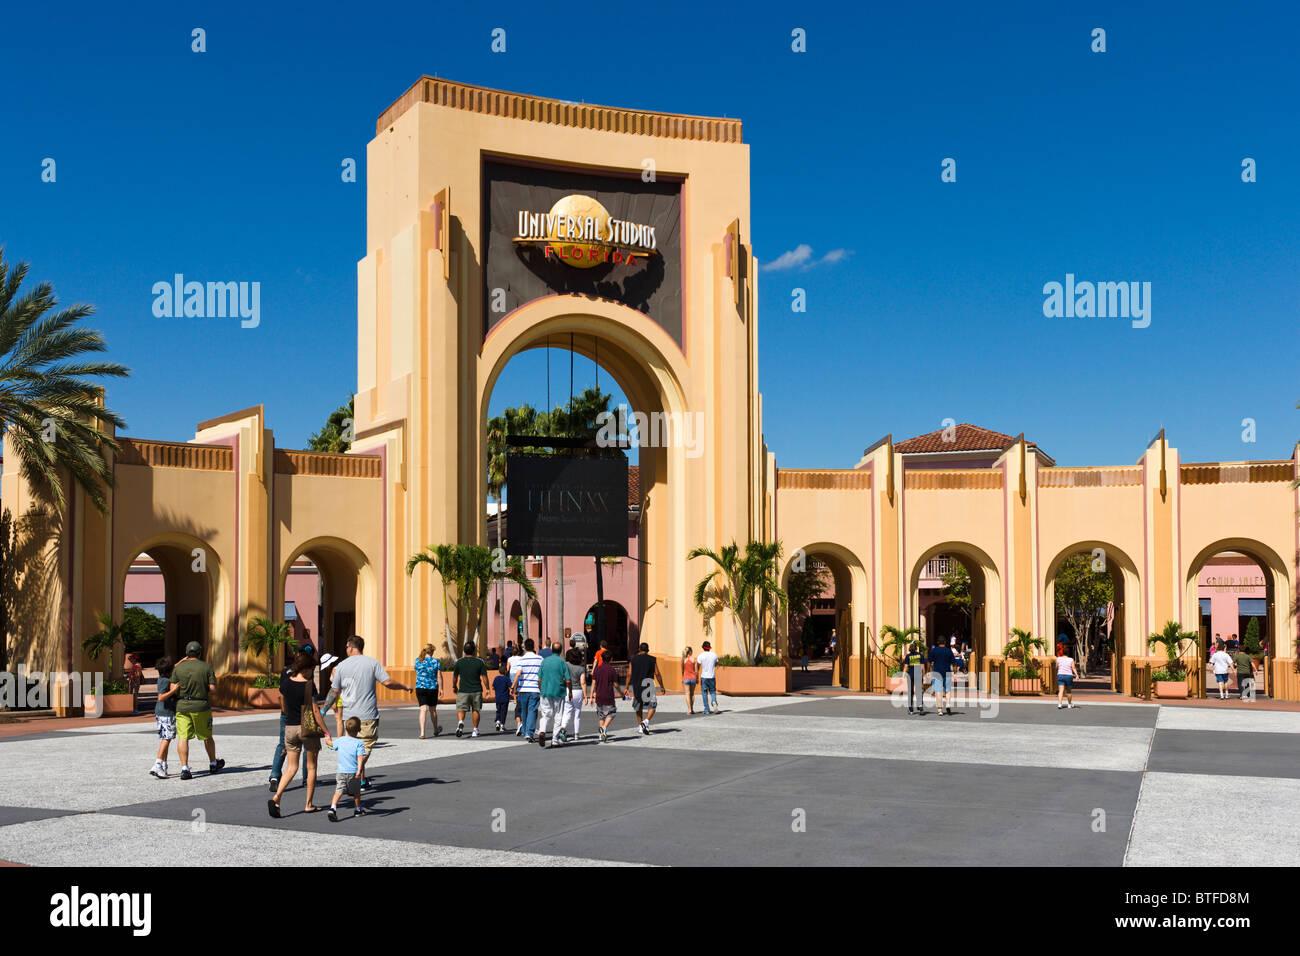 Orlando Theme Park Stockfotos & Orlando Theme Park Bilder - Alamy